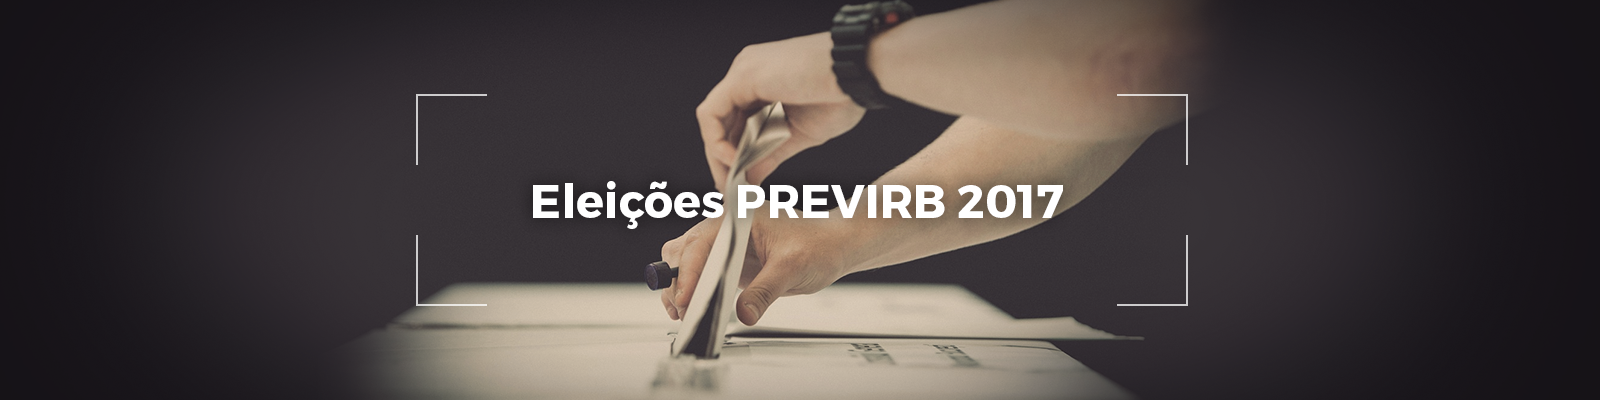 PREVIRB_Eleições2017_BANNER_v0_071216